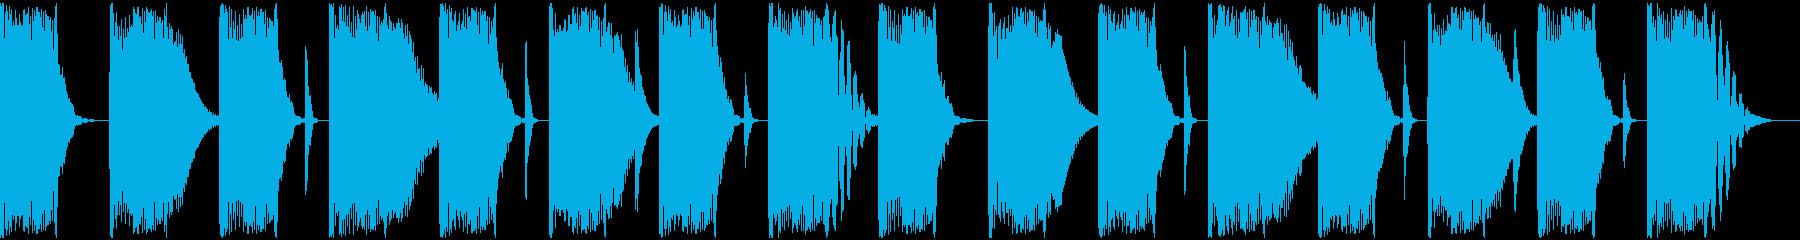 【エレクトロニカ】ロング2、ショート2の再生済みの波形